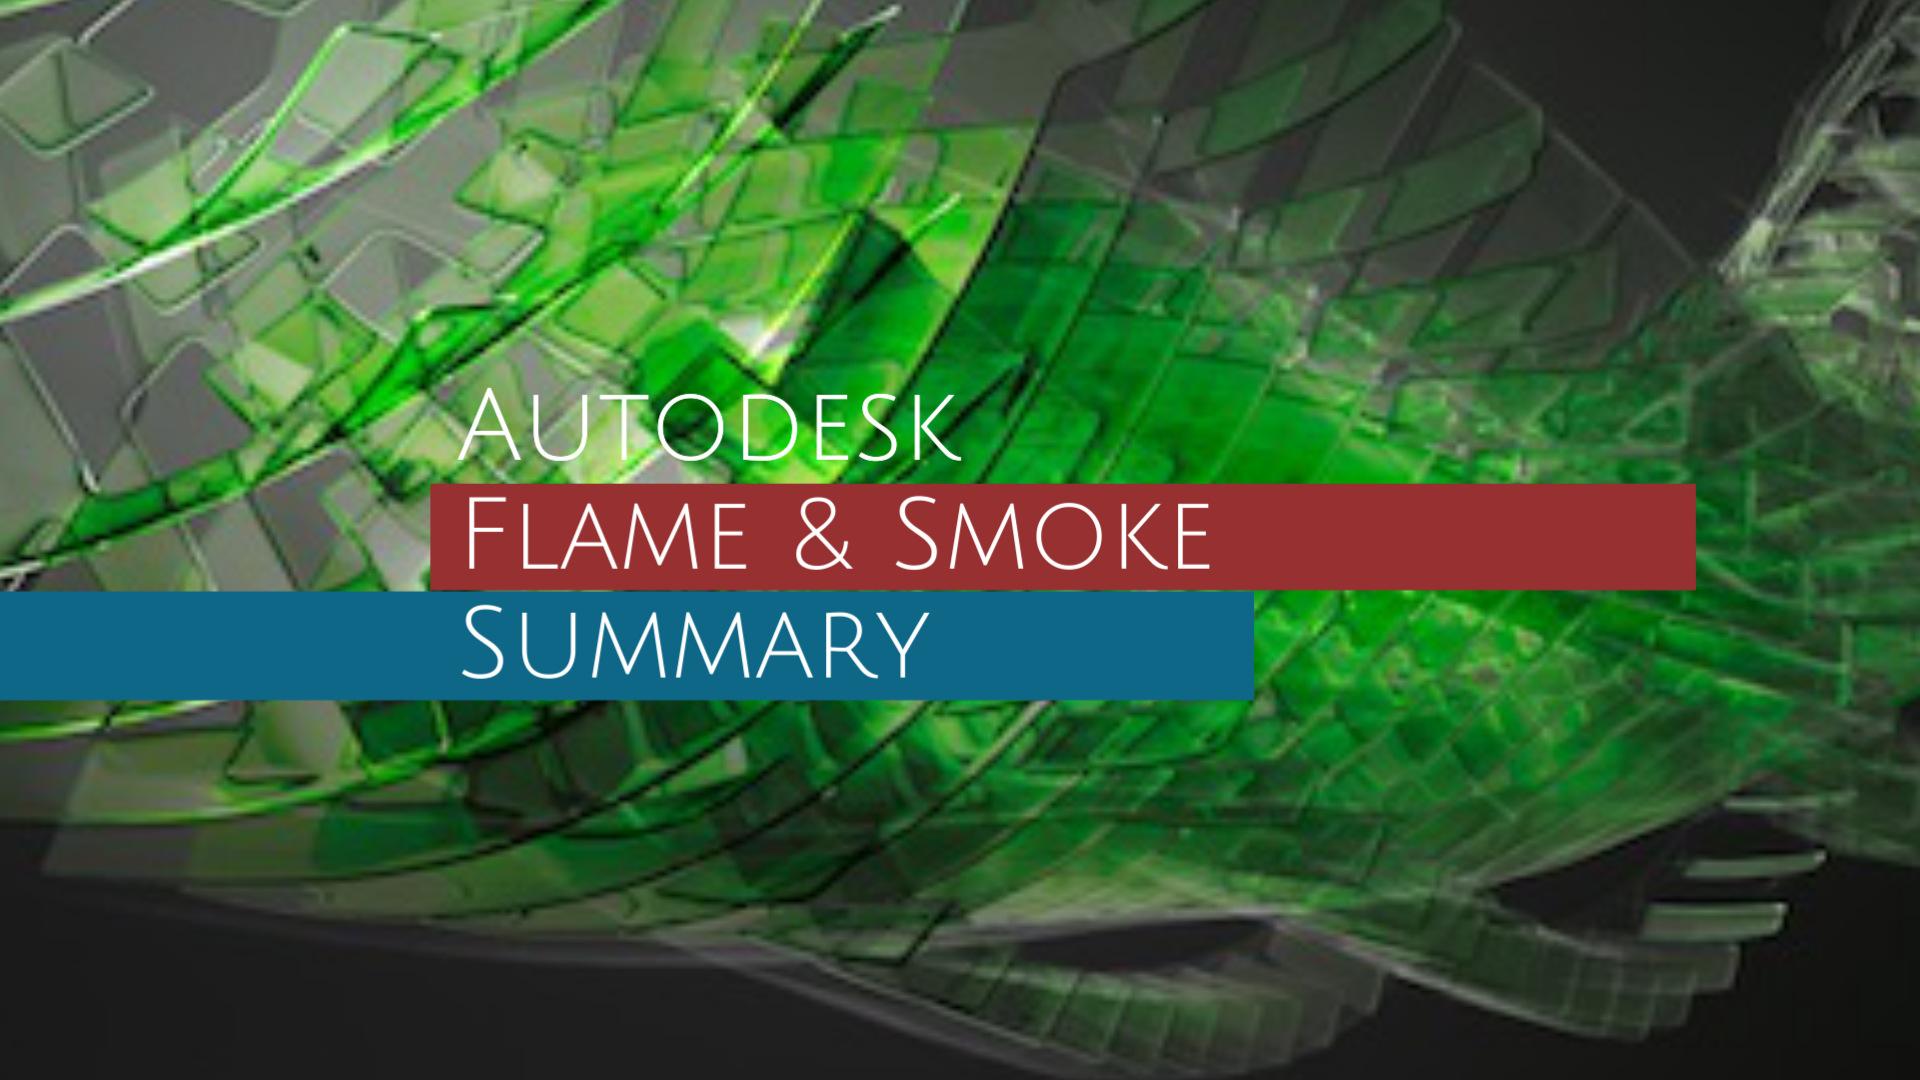 Autodesk Flame & Smoke まとめ